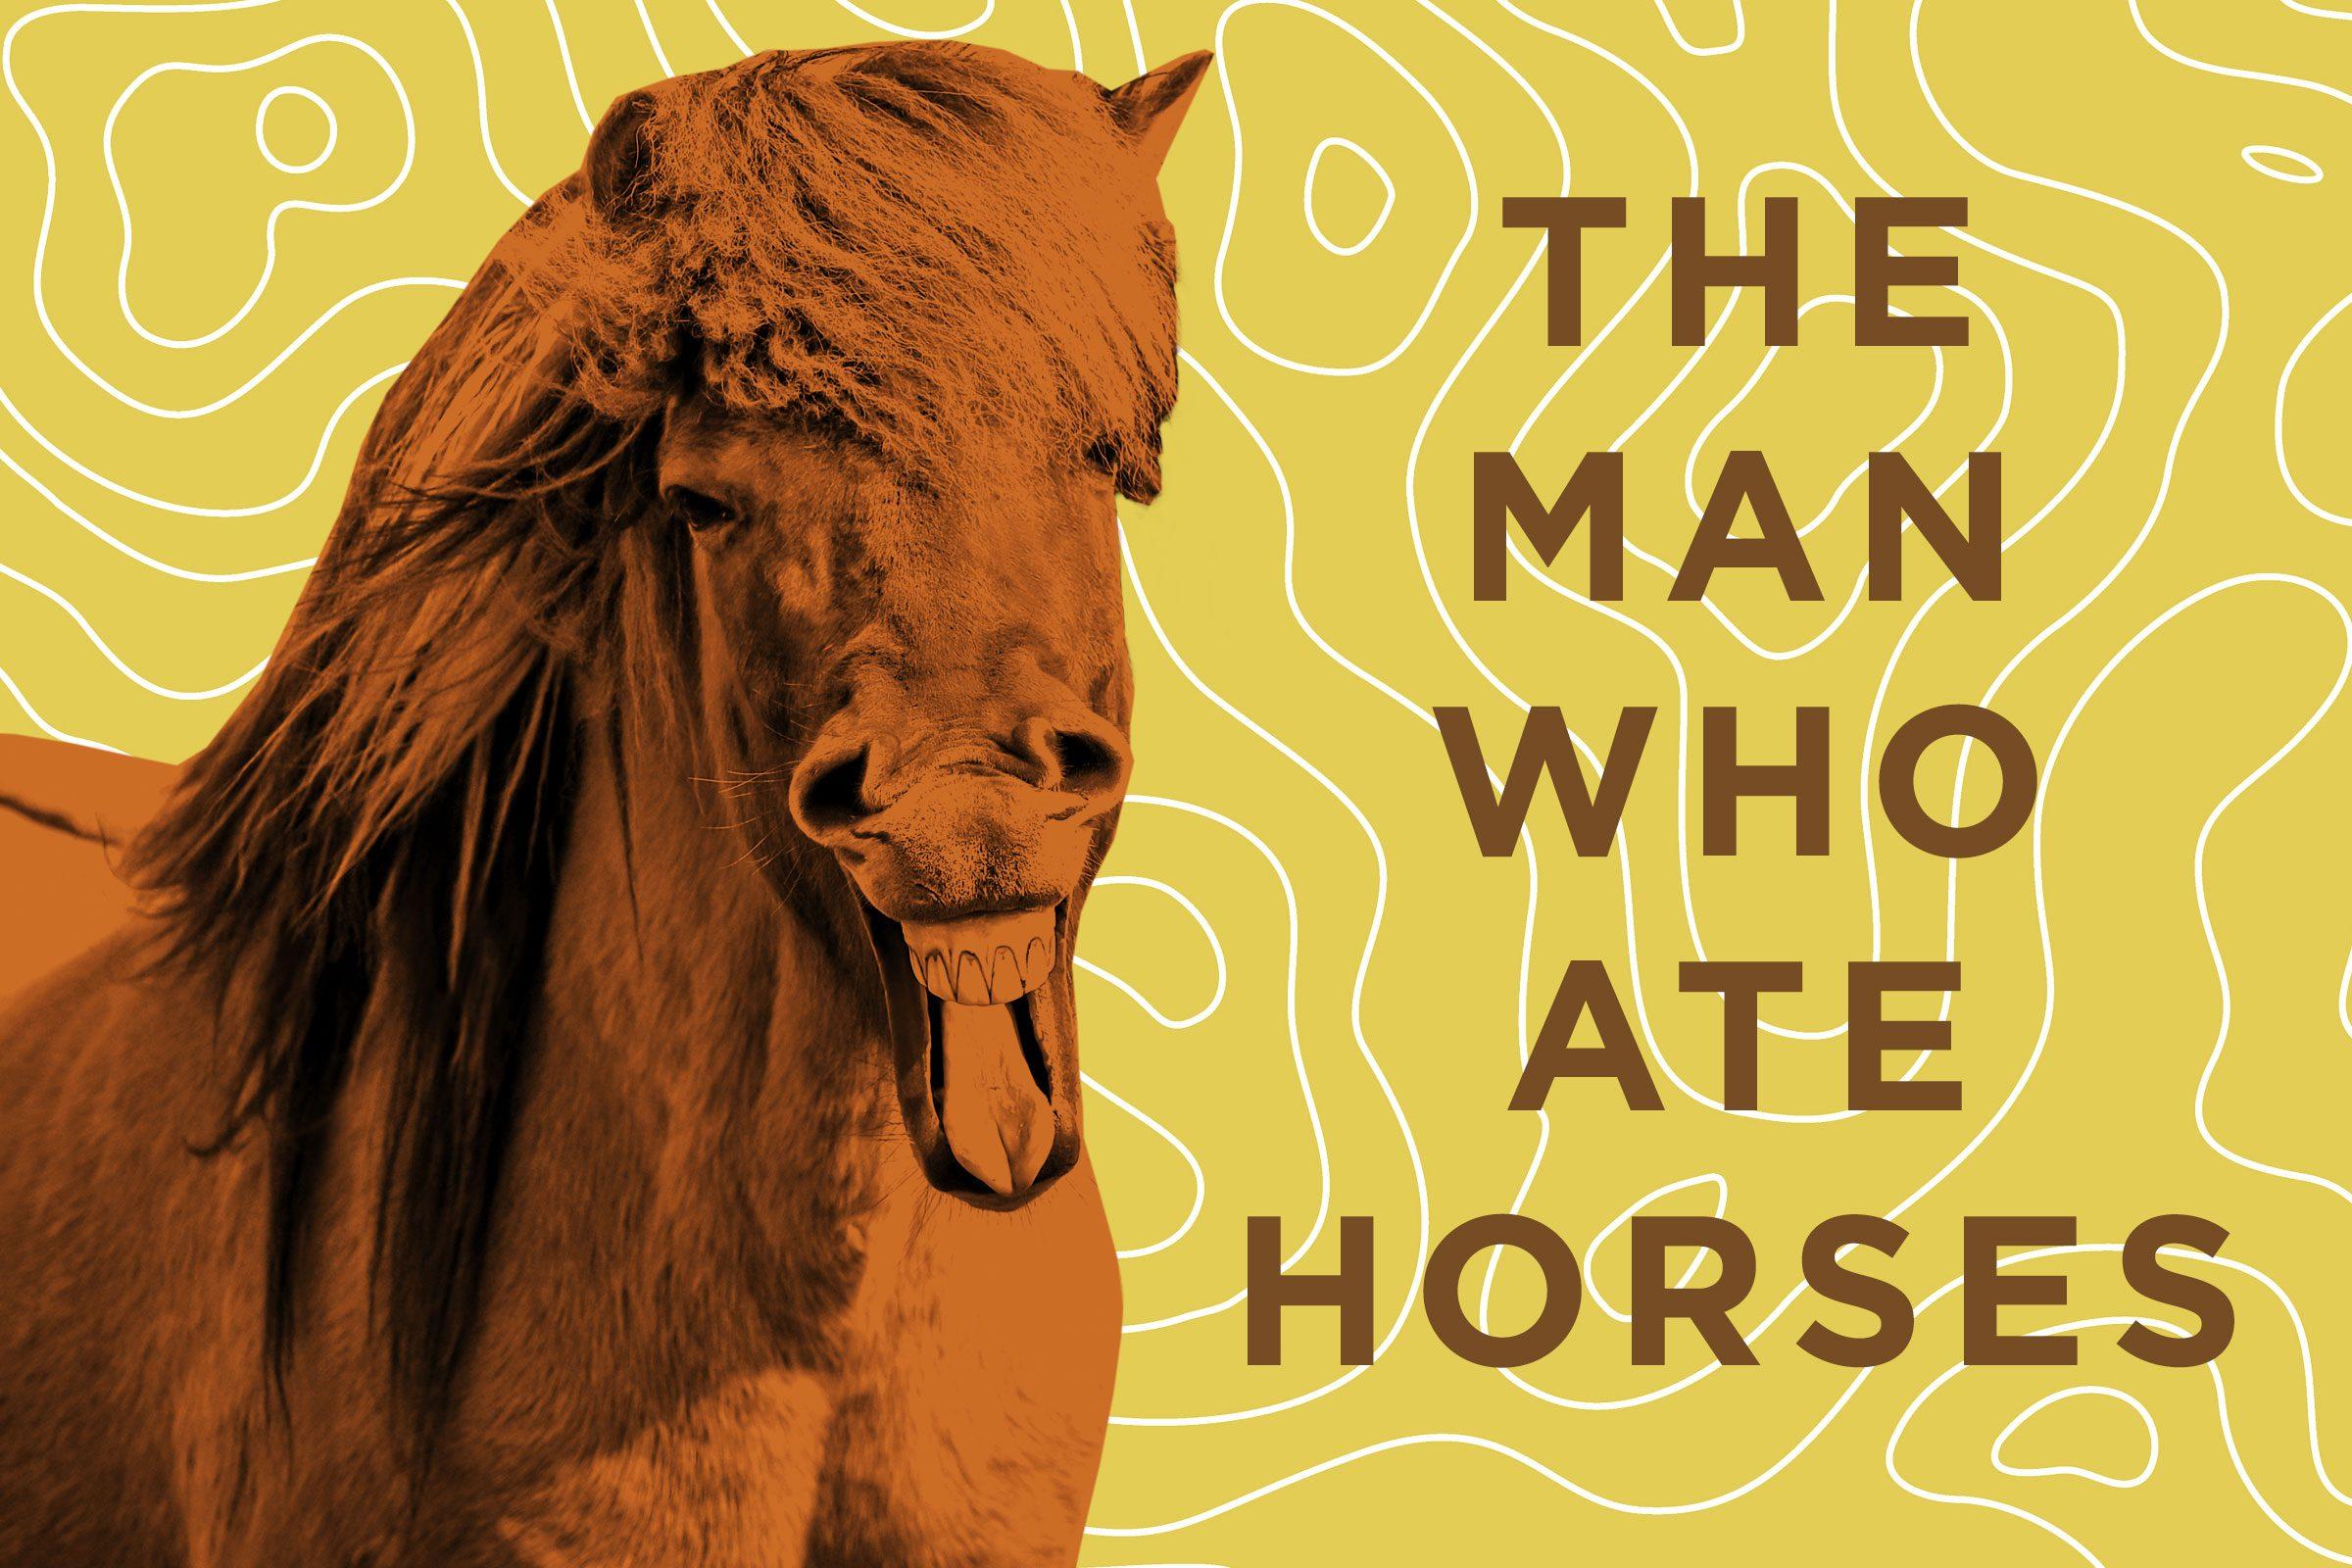 Horse jokes - photo#31